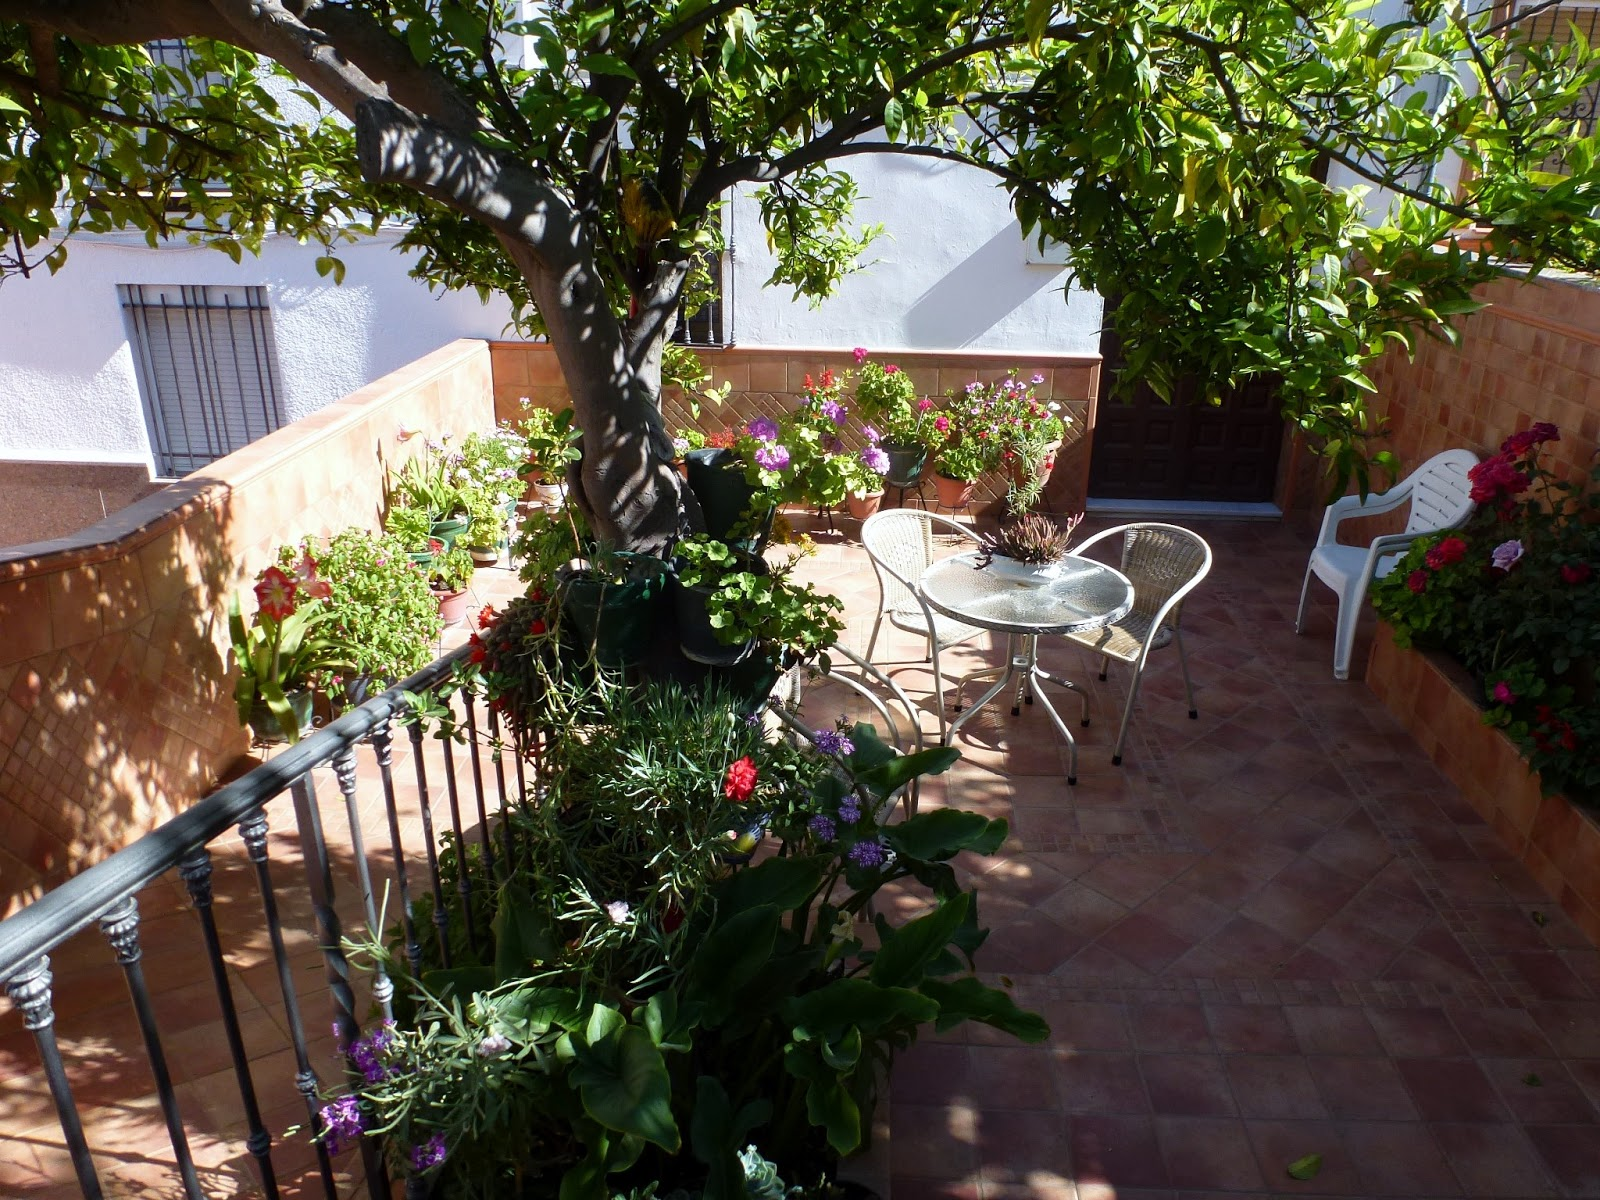 Olvera diary los balcones patios y jardines de olvera for Patios y jardines